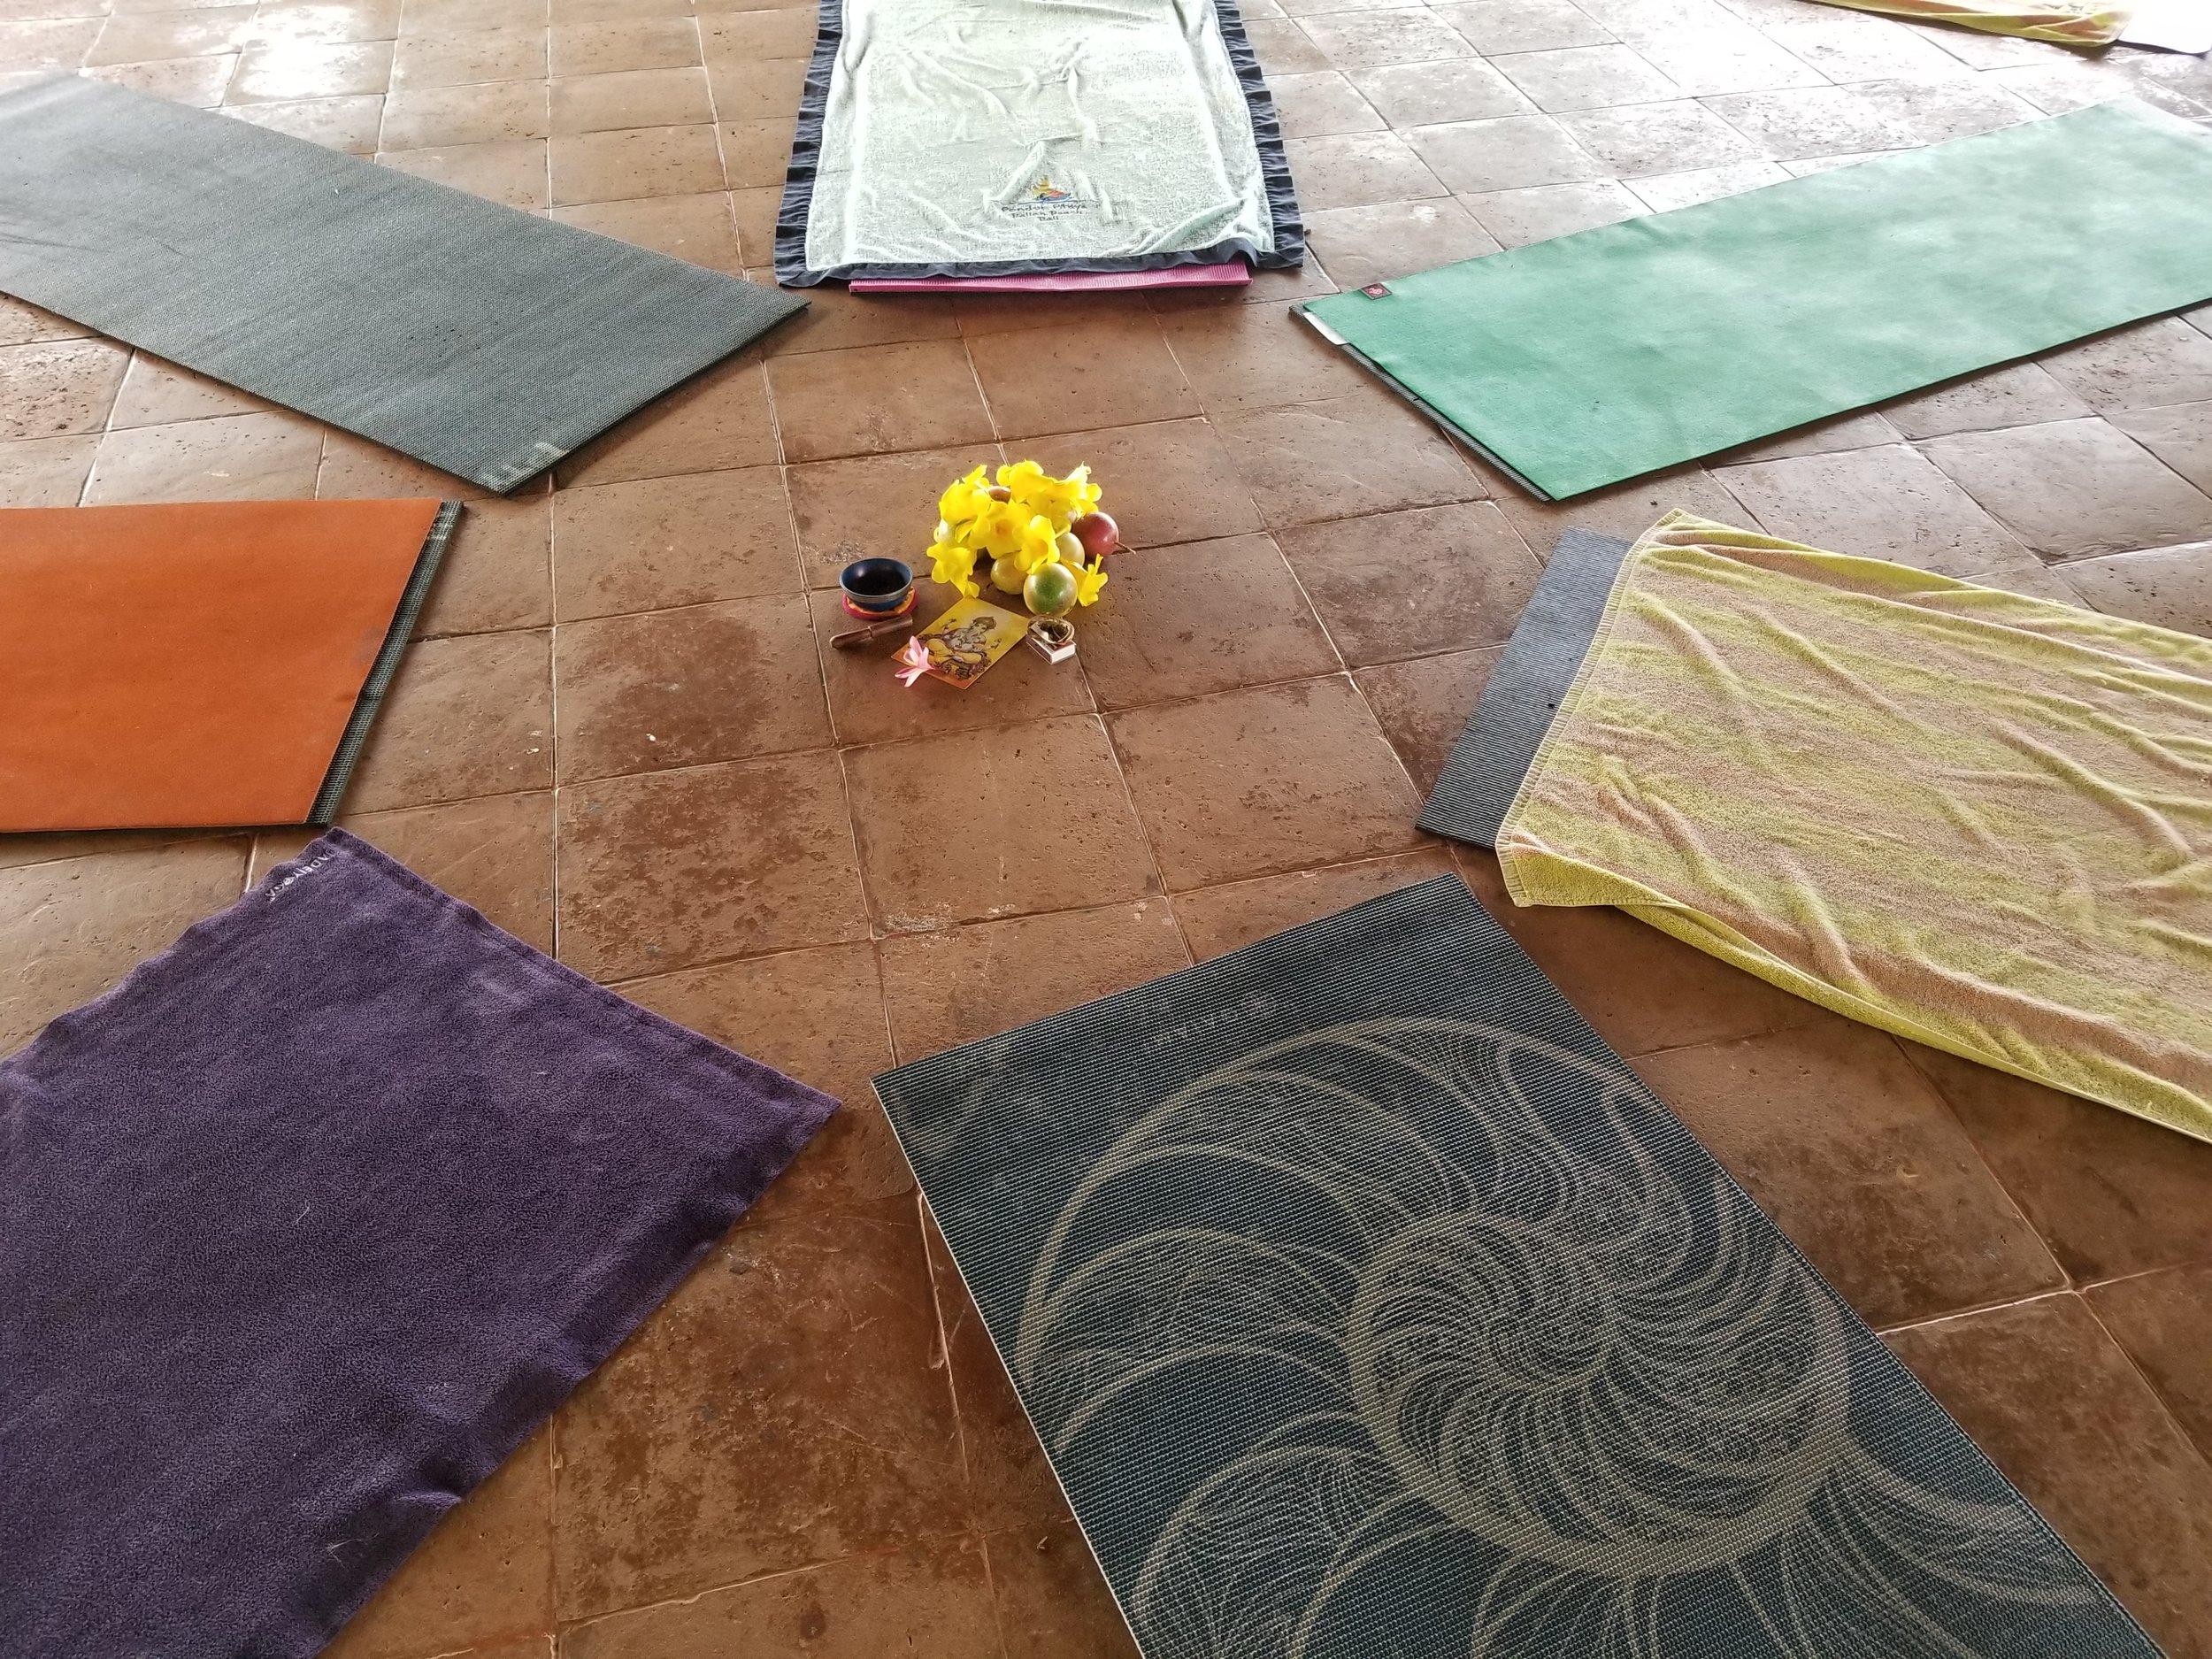 vinyasa-yoga-teacher-training-bali.jpg